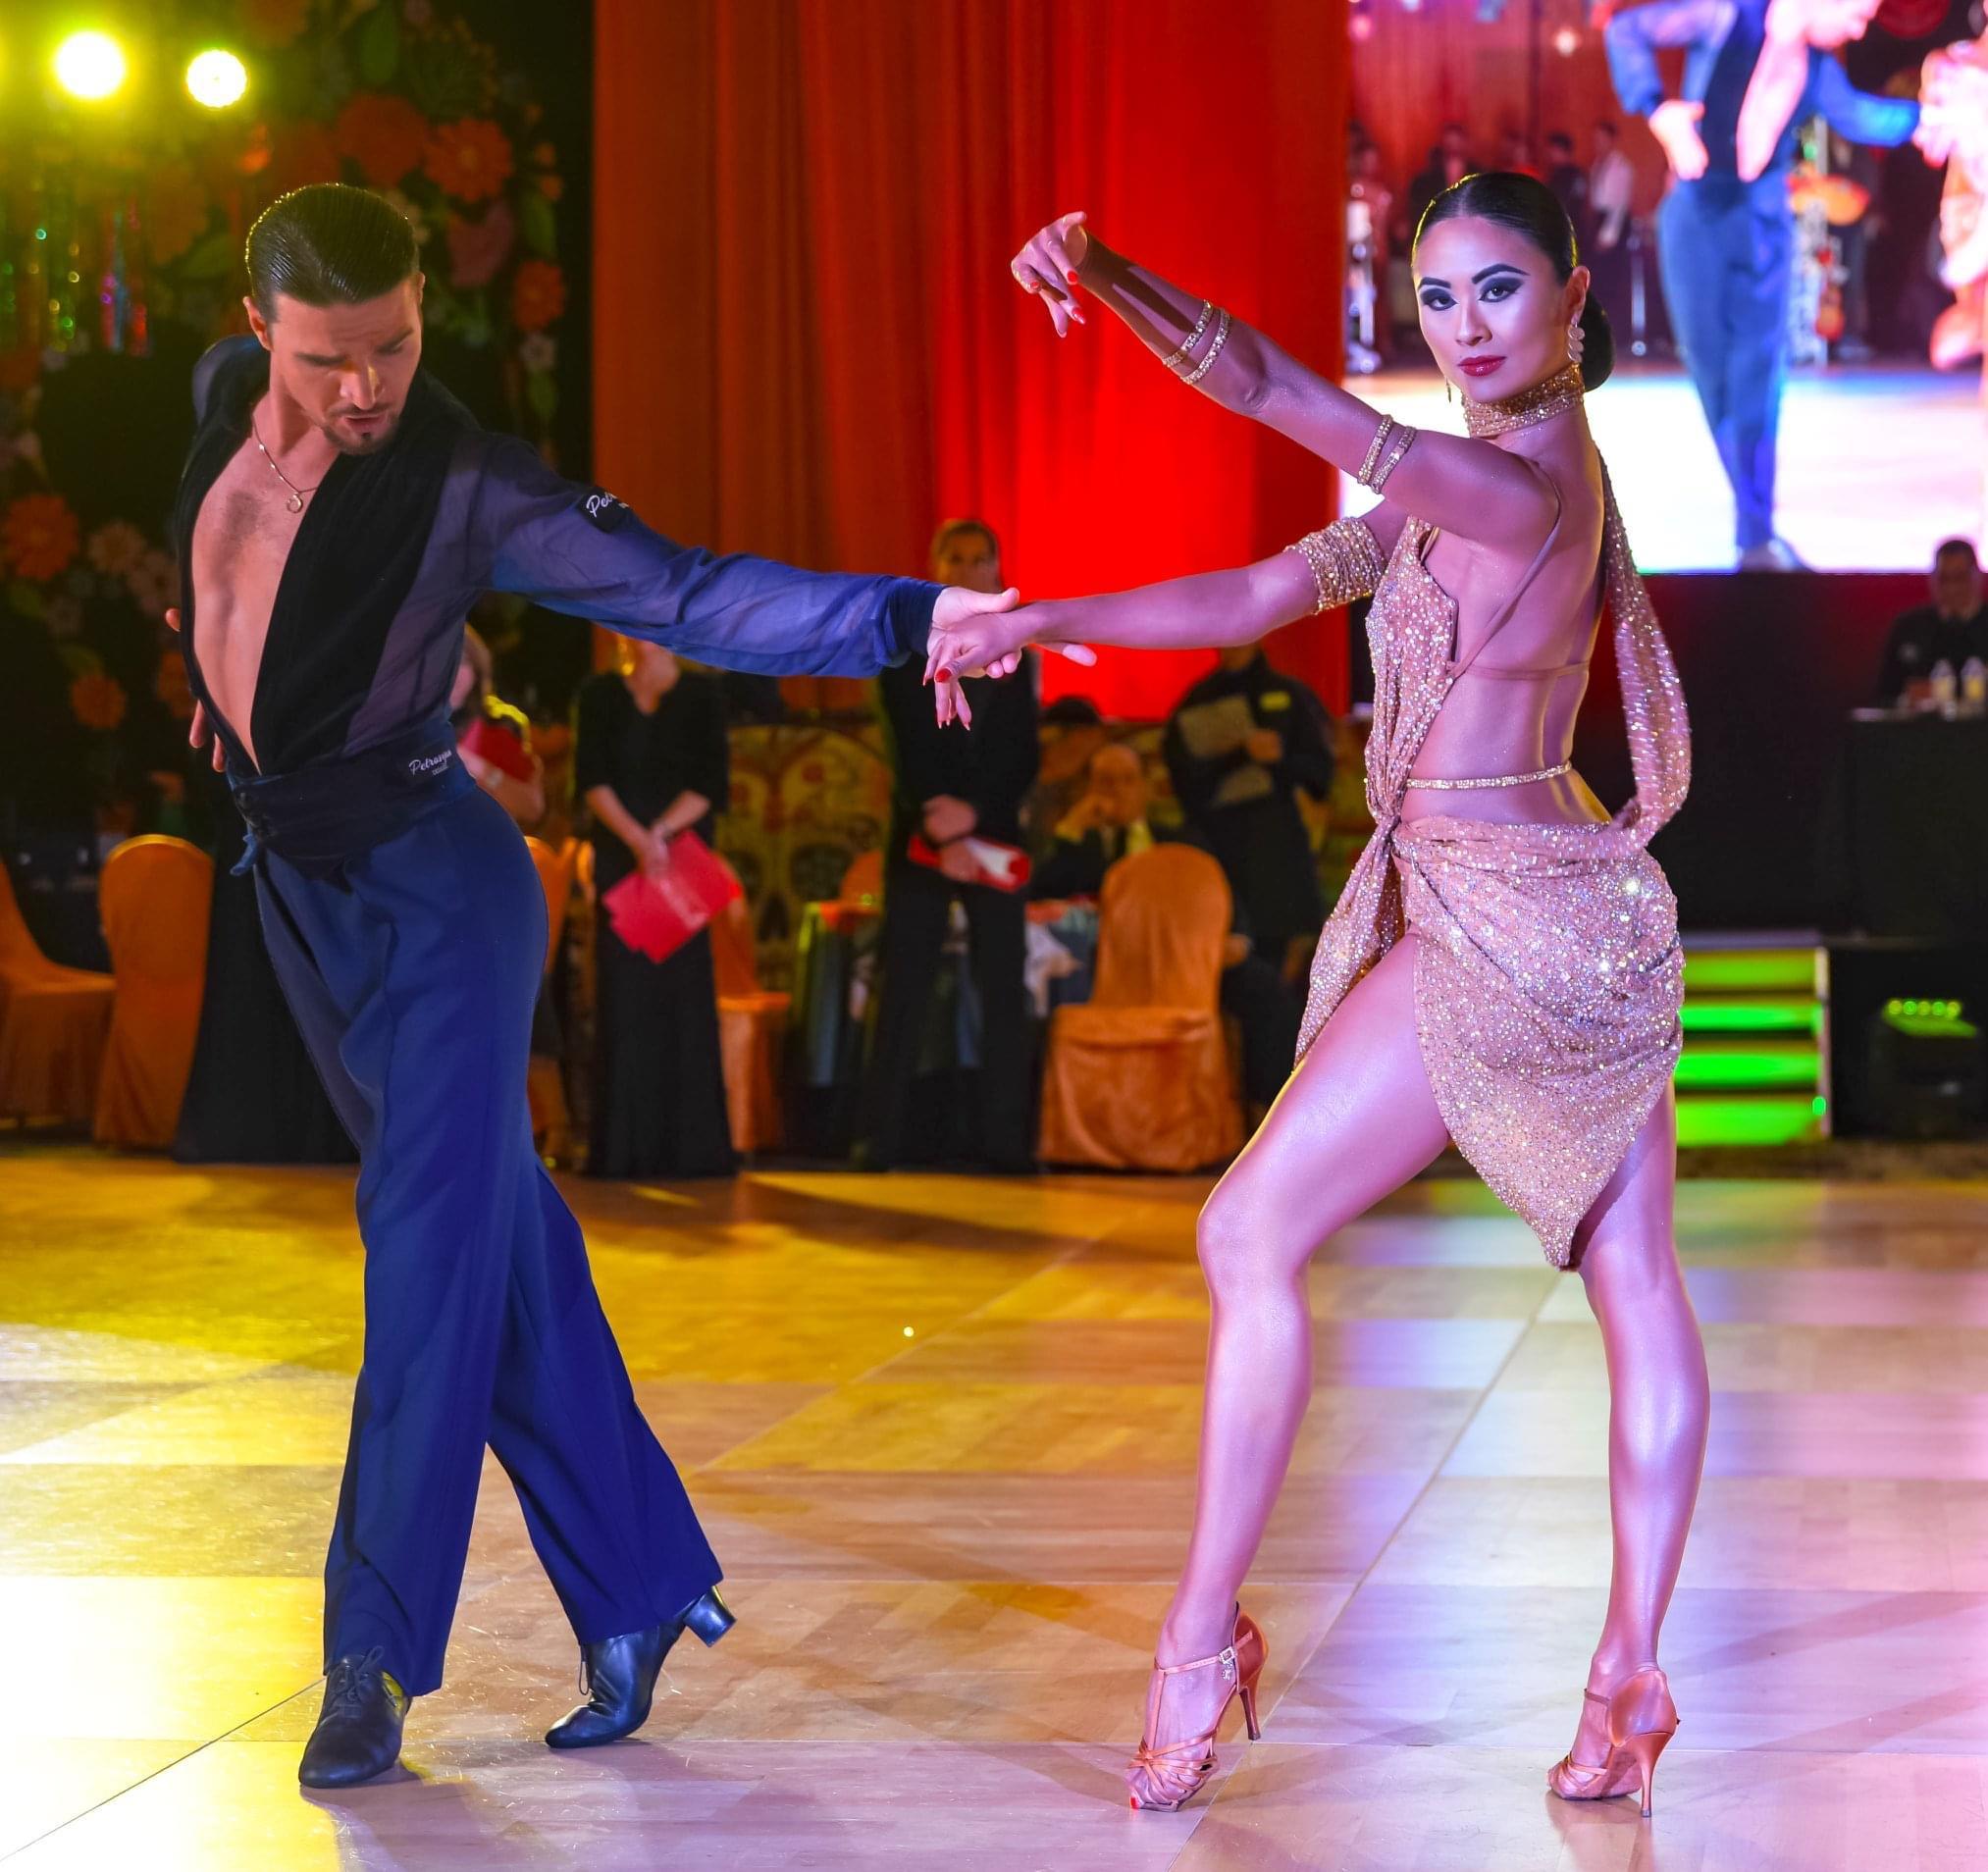 Craig Smith & Andrea Harvey